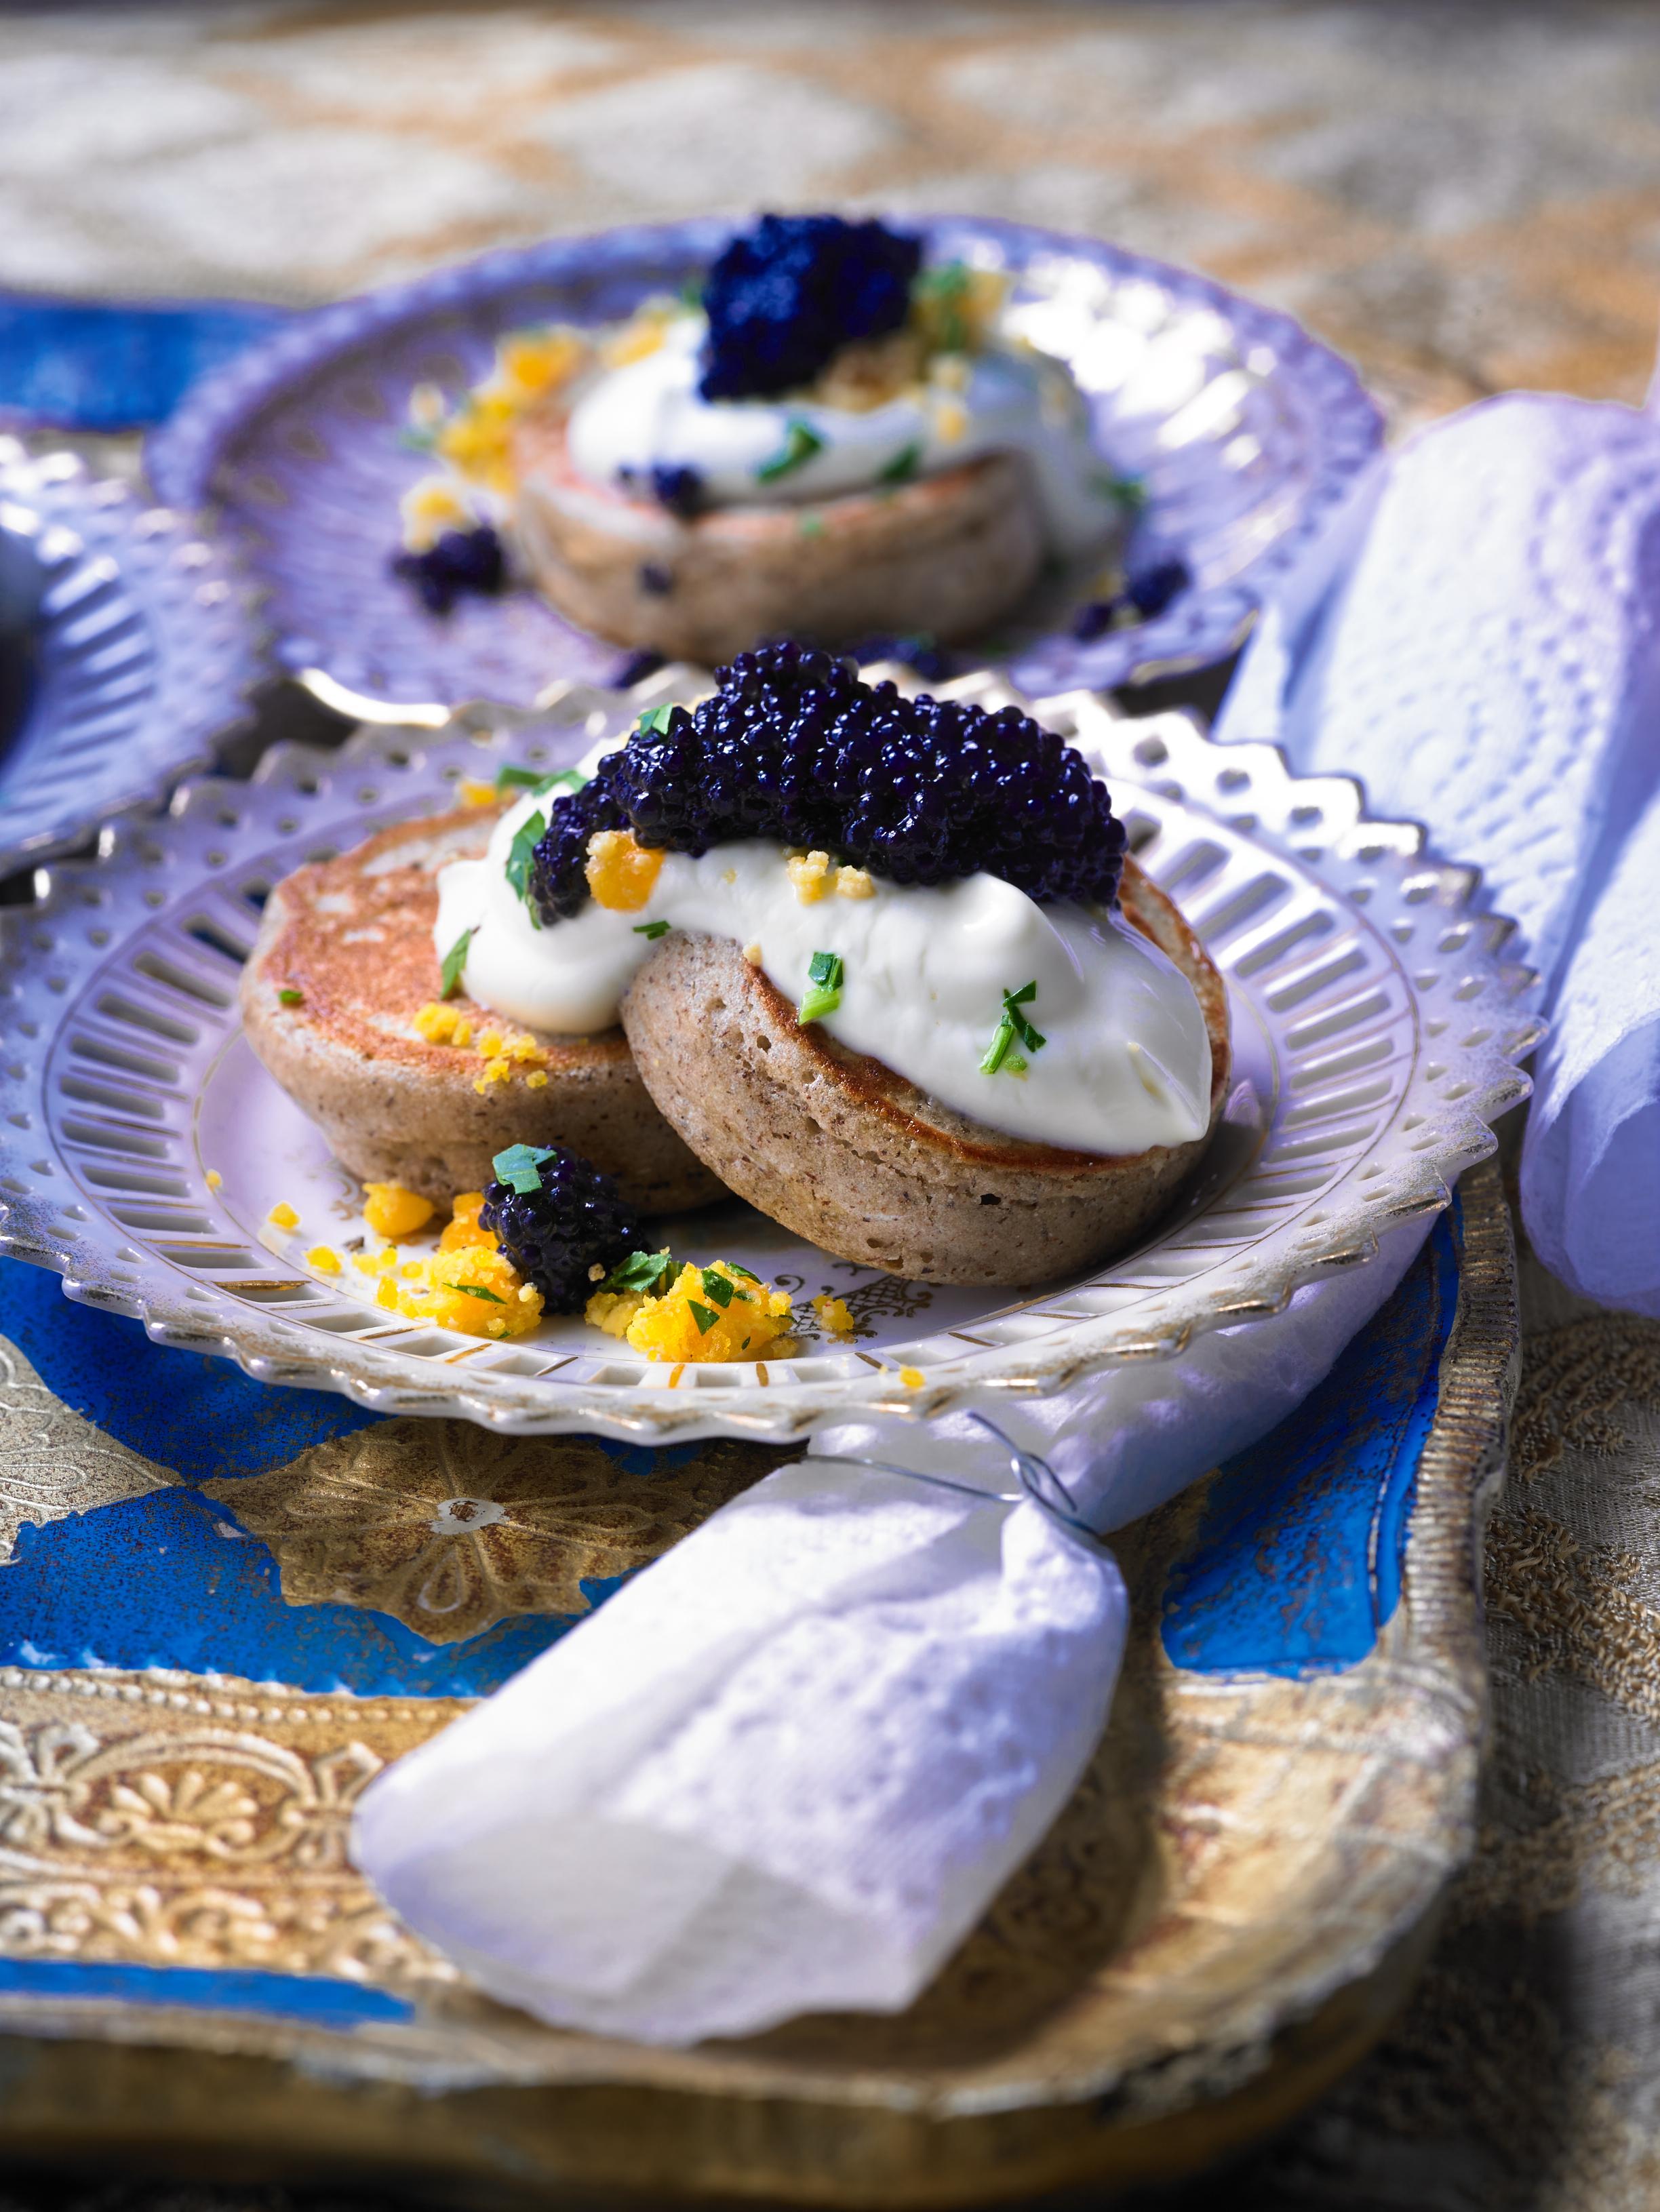 Buchweizen_Blinis_mit_CremeFraiche_Caviar_und_Ei_02.jpg